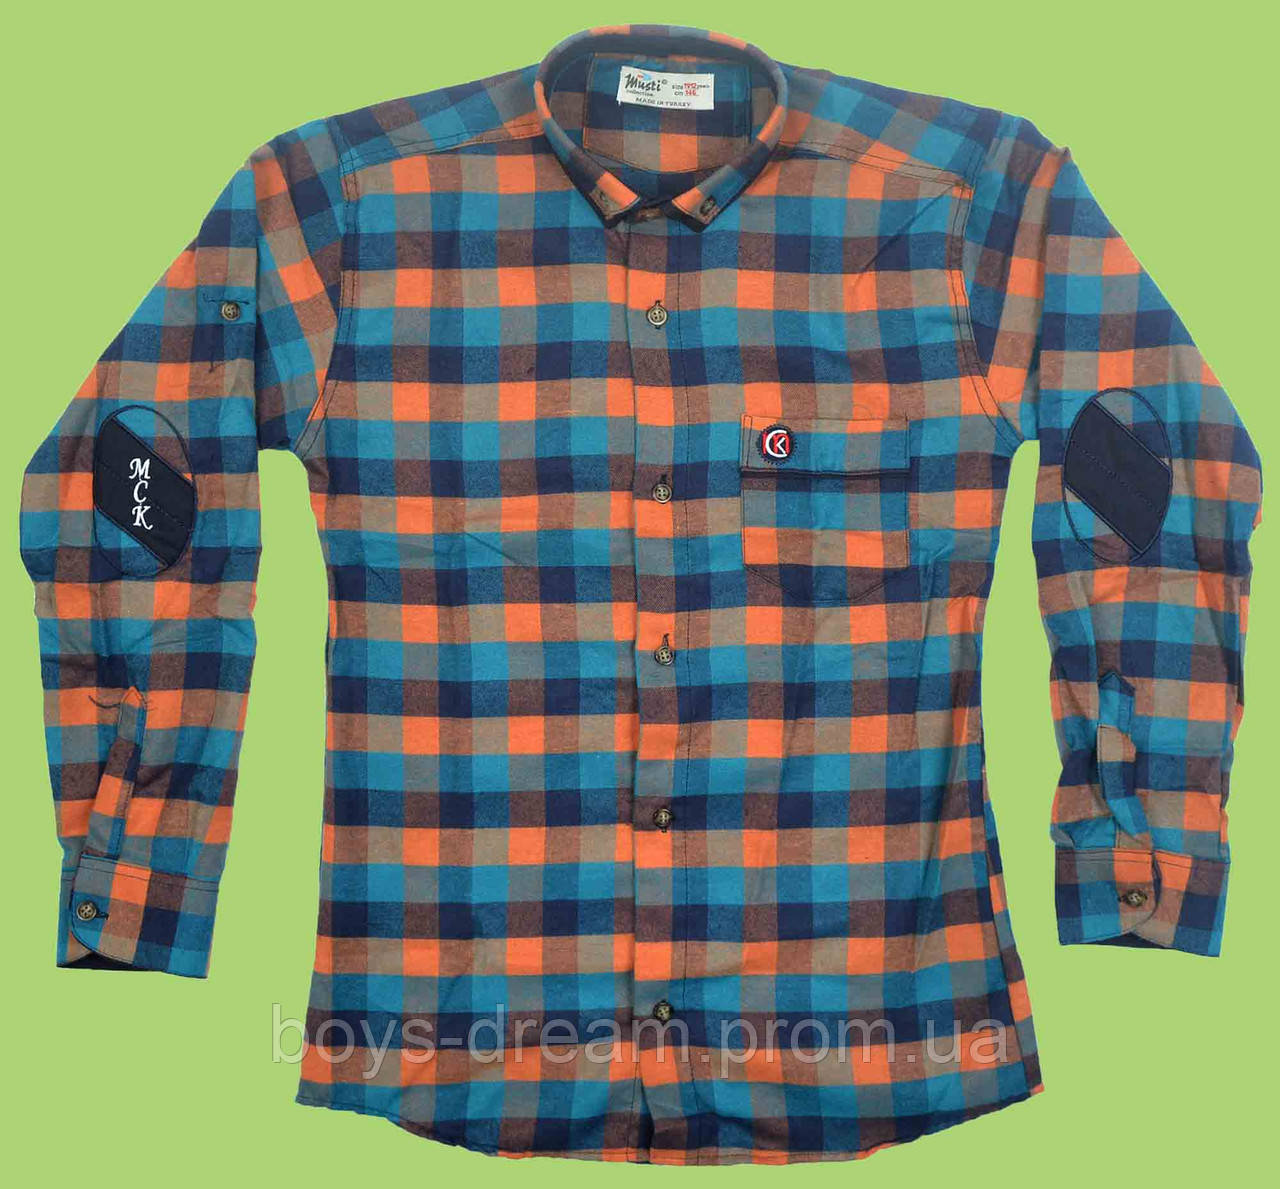 Рубашка для мальчика 11 лет Турция